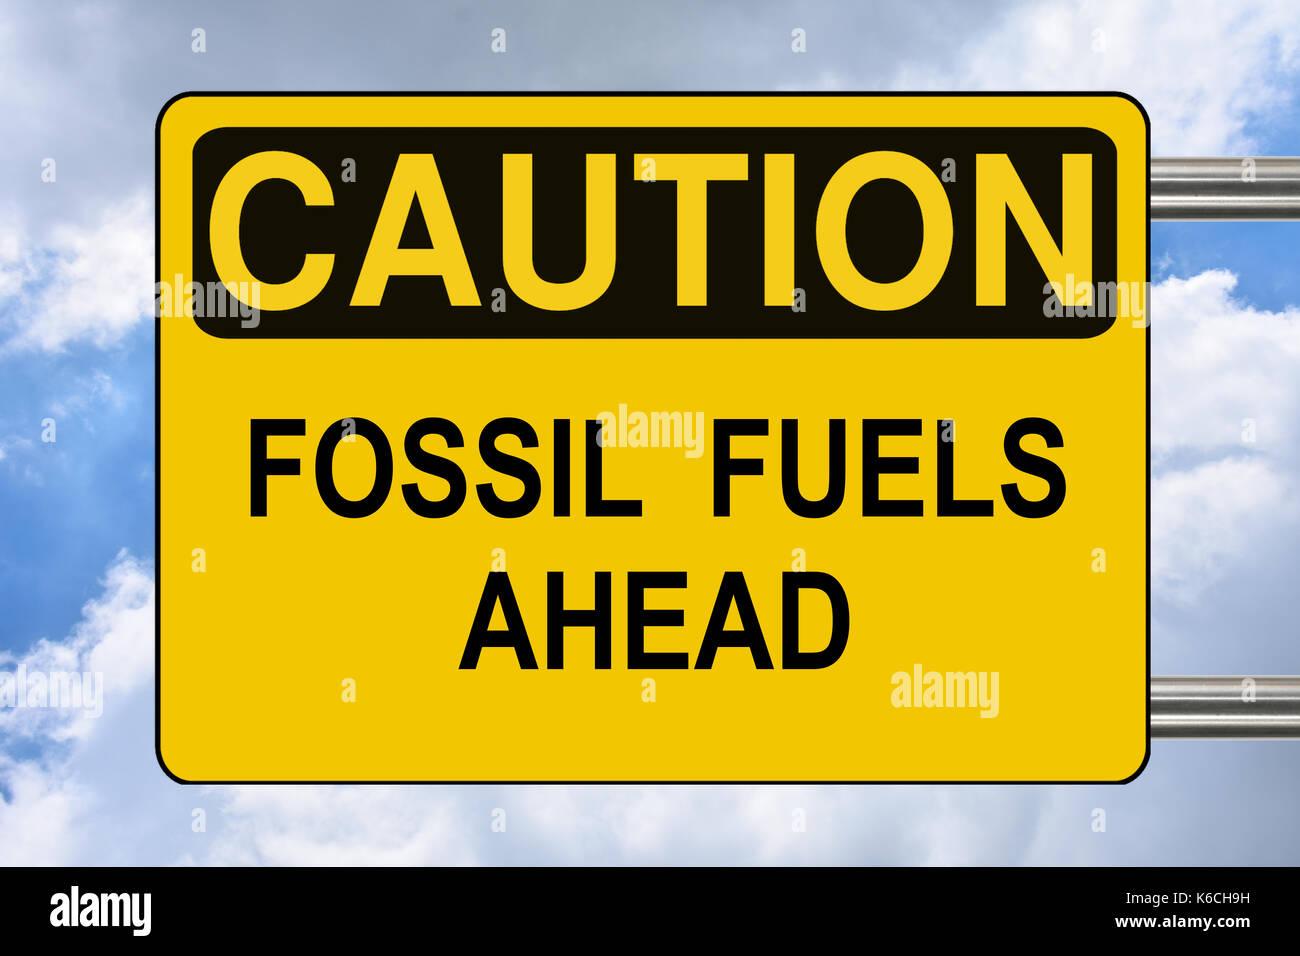 Combustibile fossile in anticipo, giallo di avvertimento cartello stradale Immagini Stock